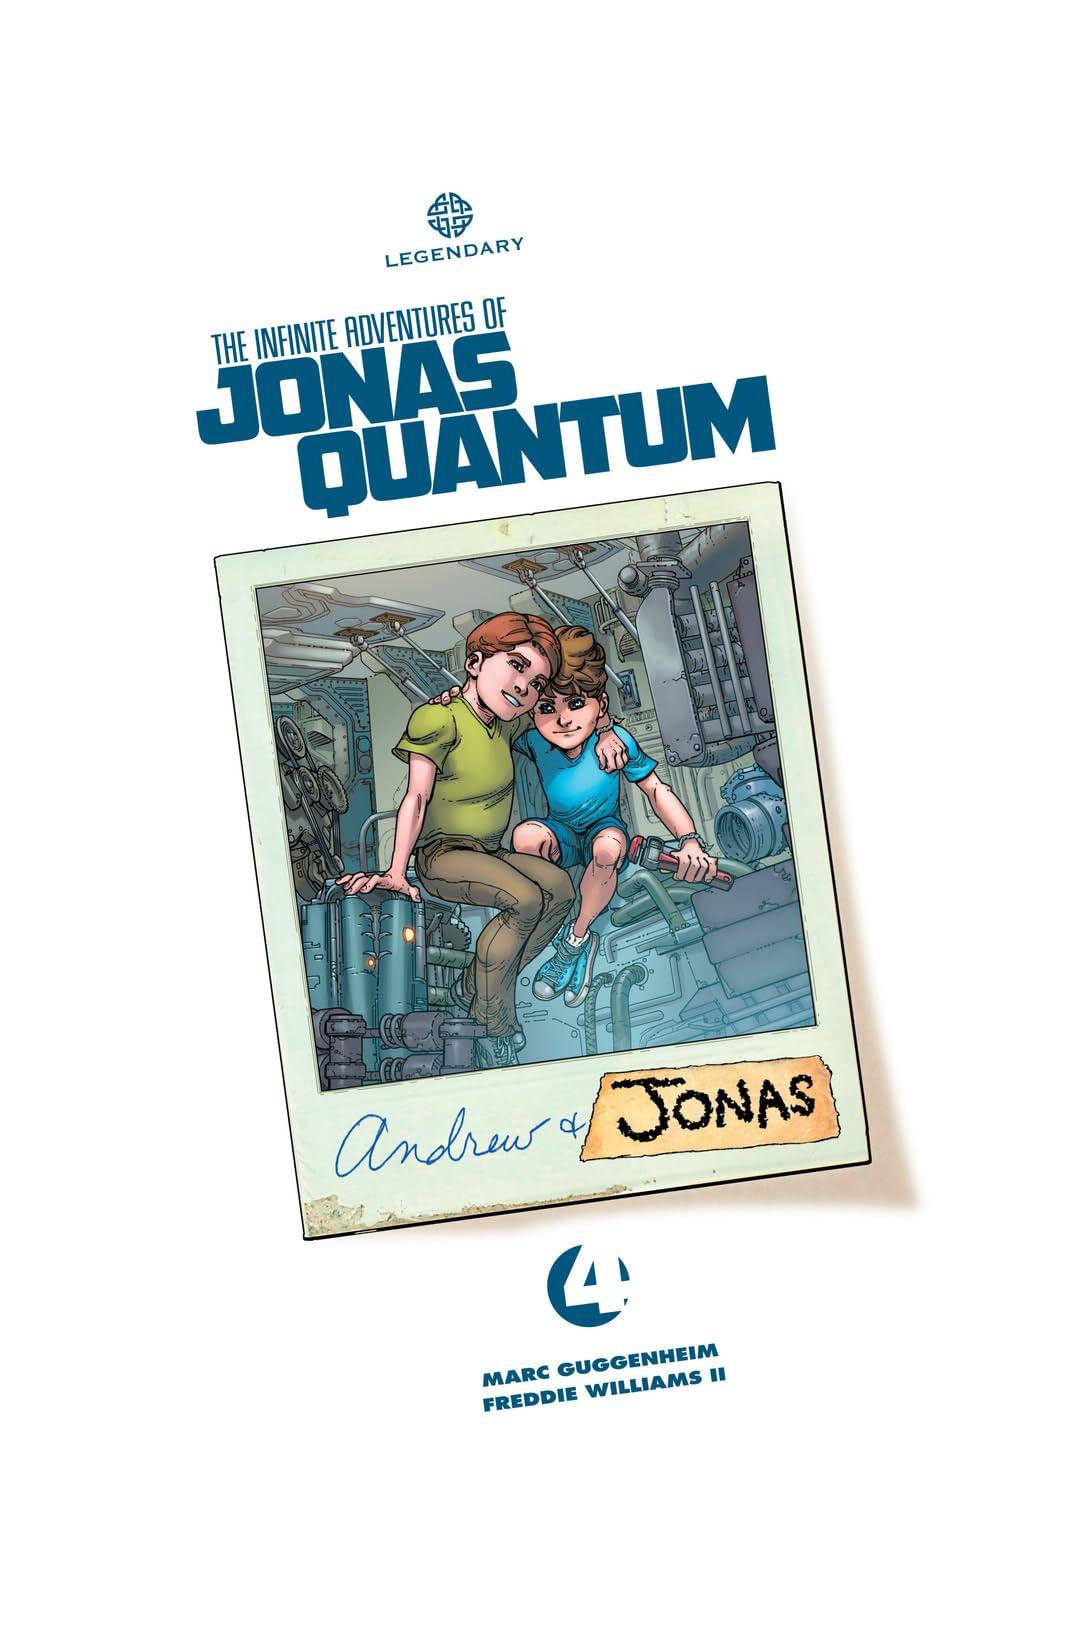 The Infinite Adventures of Jonas Quantum #4